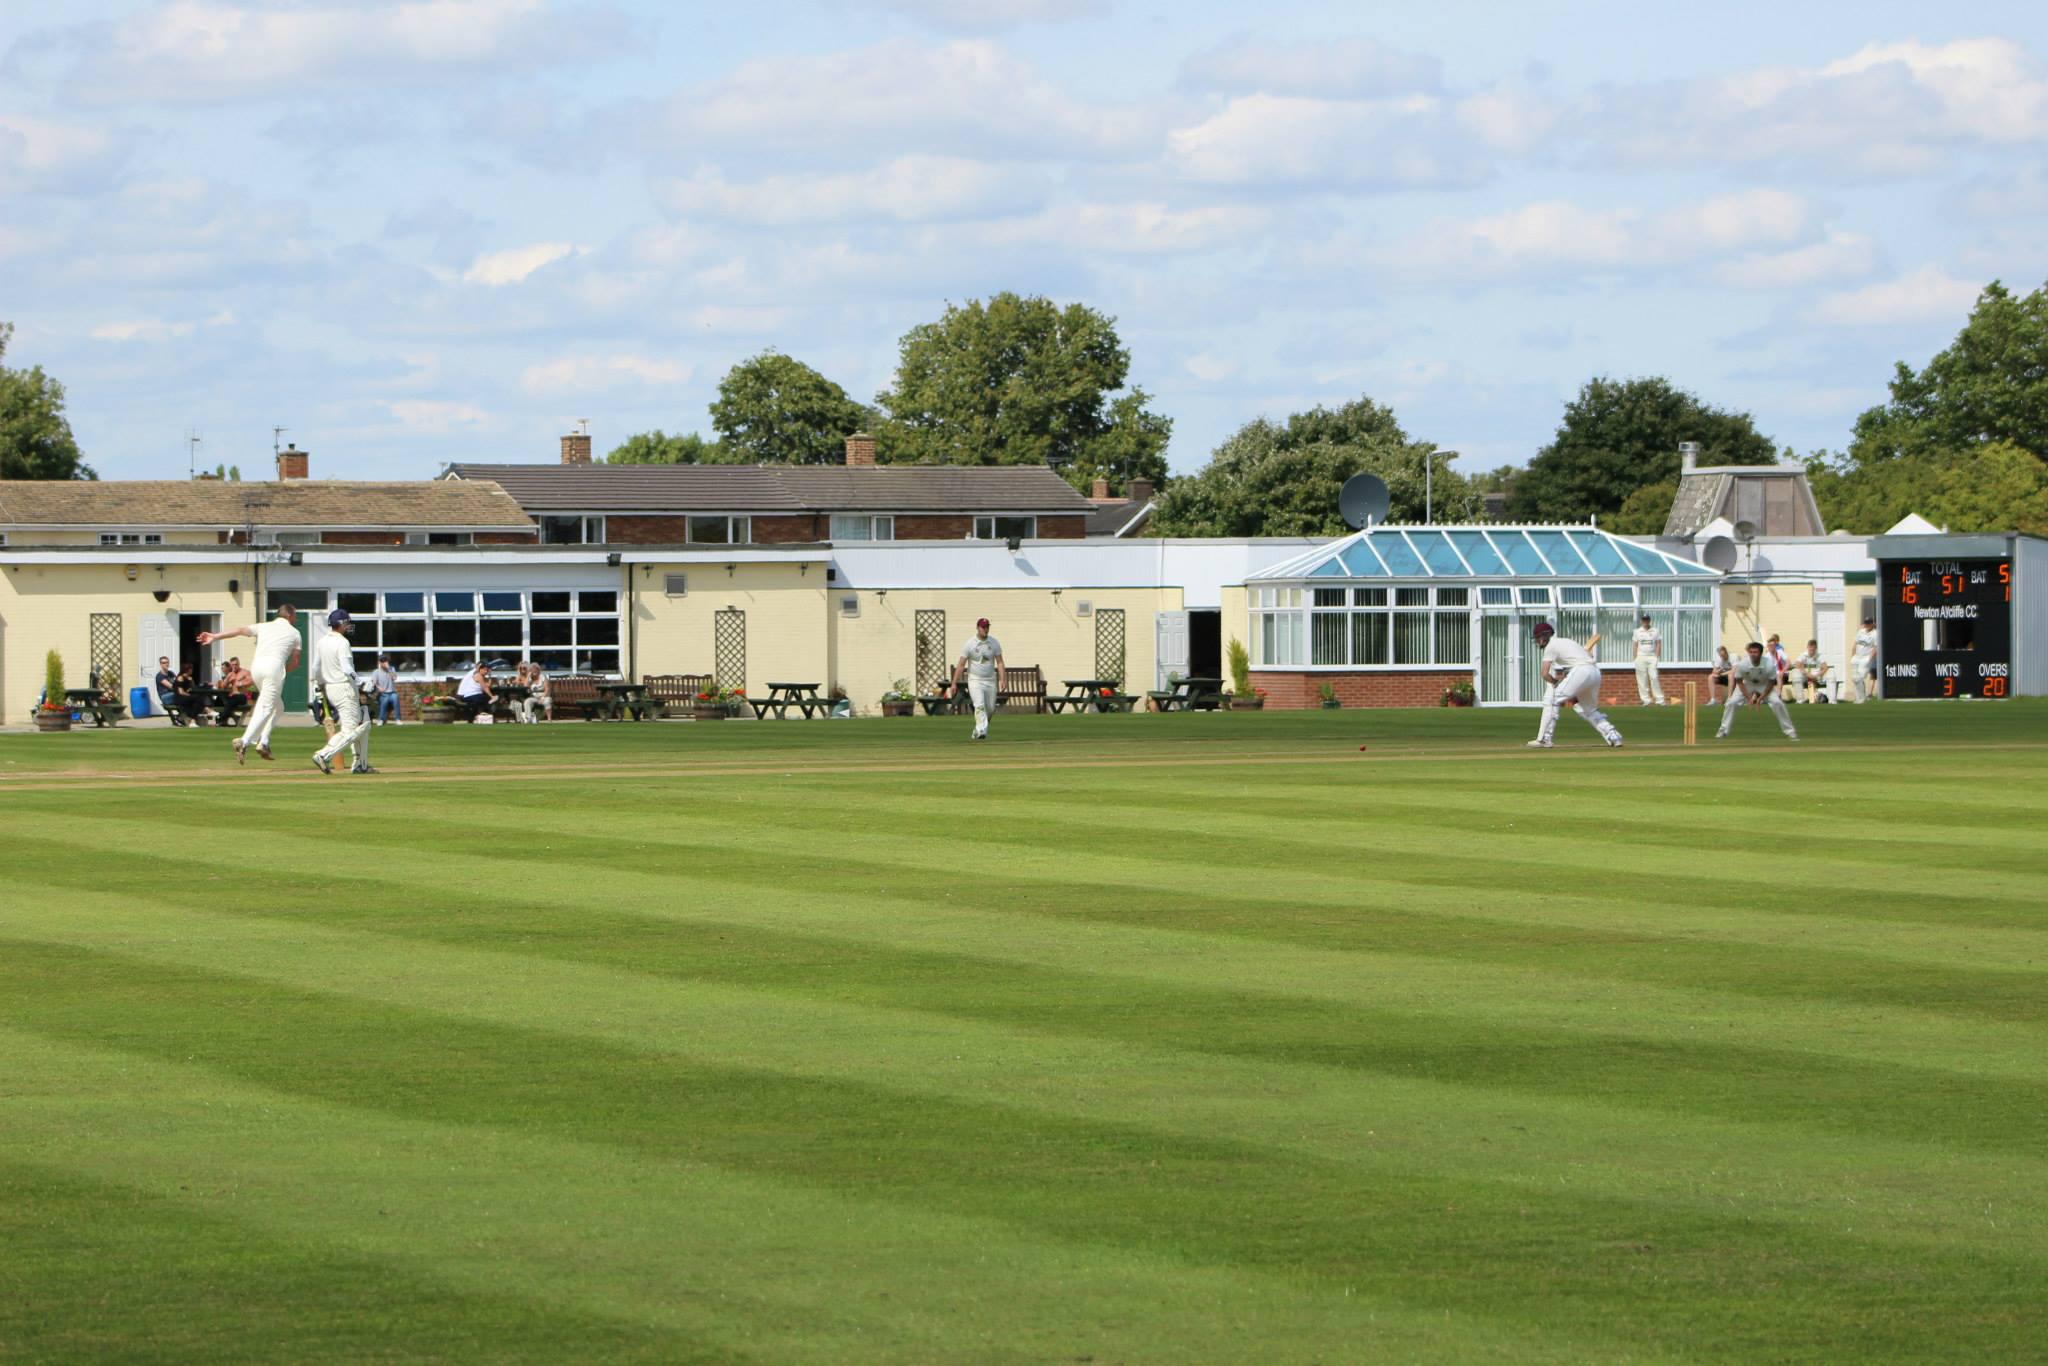 Cricket Scoreboard 15/07/16